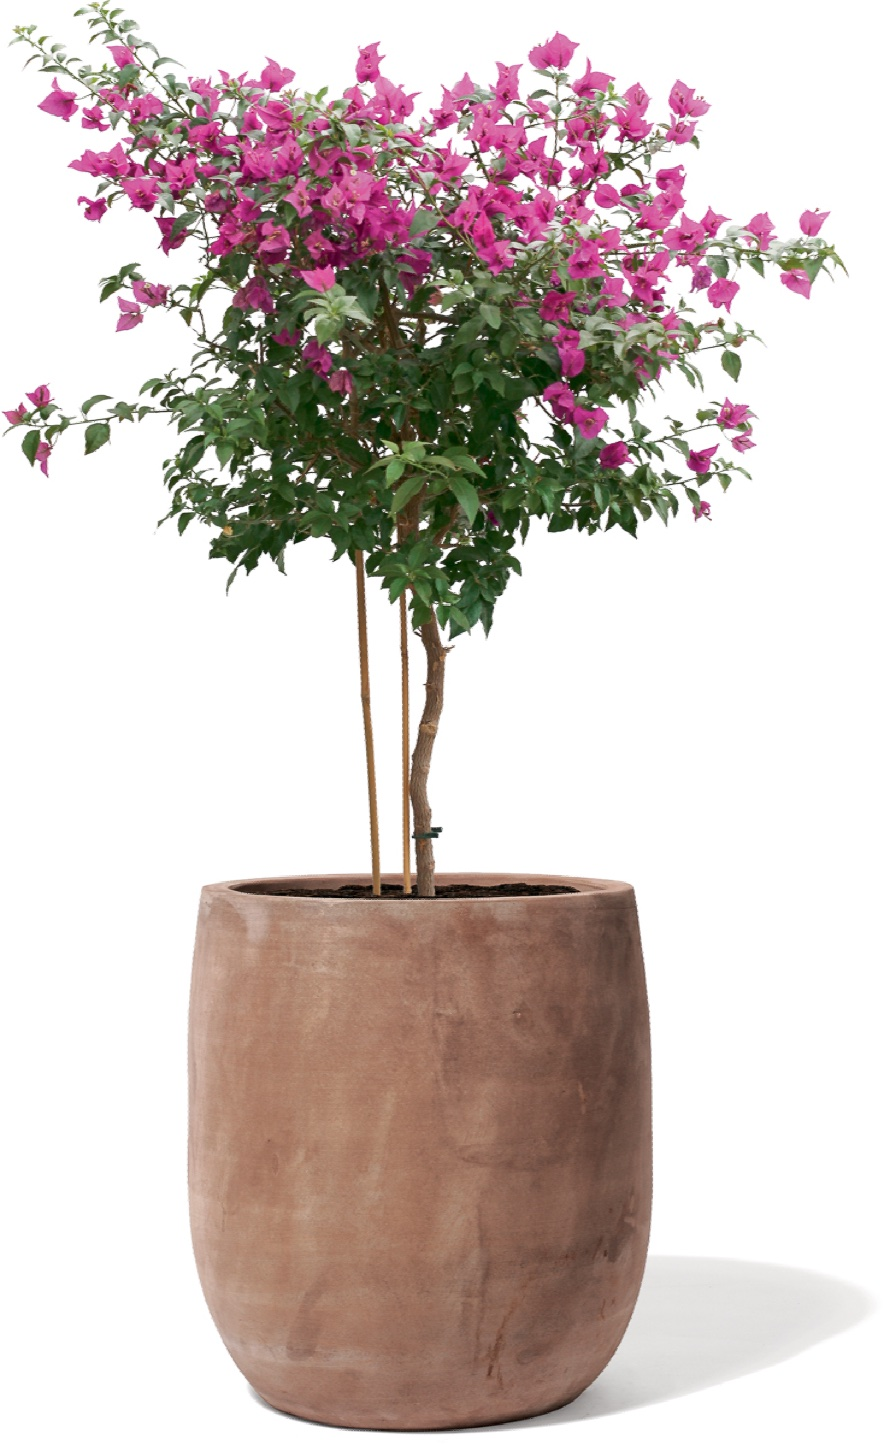 https://www.terrapalme.de/media/image/kirschke/terrabruna-terracotta-pistoia-stimmungsbild.jpg